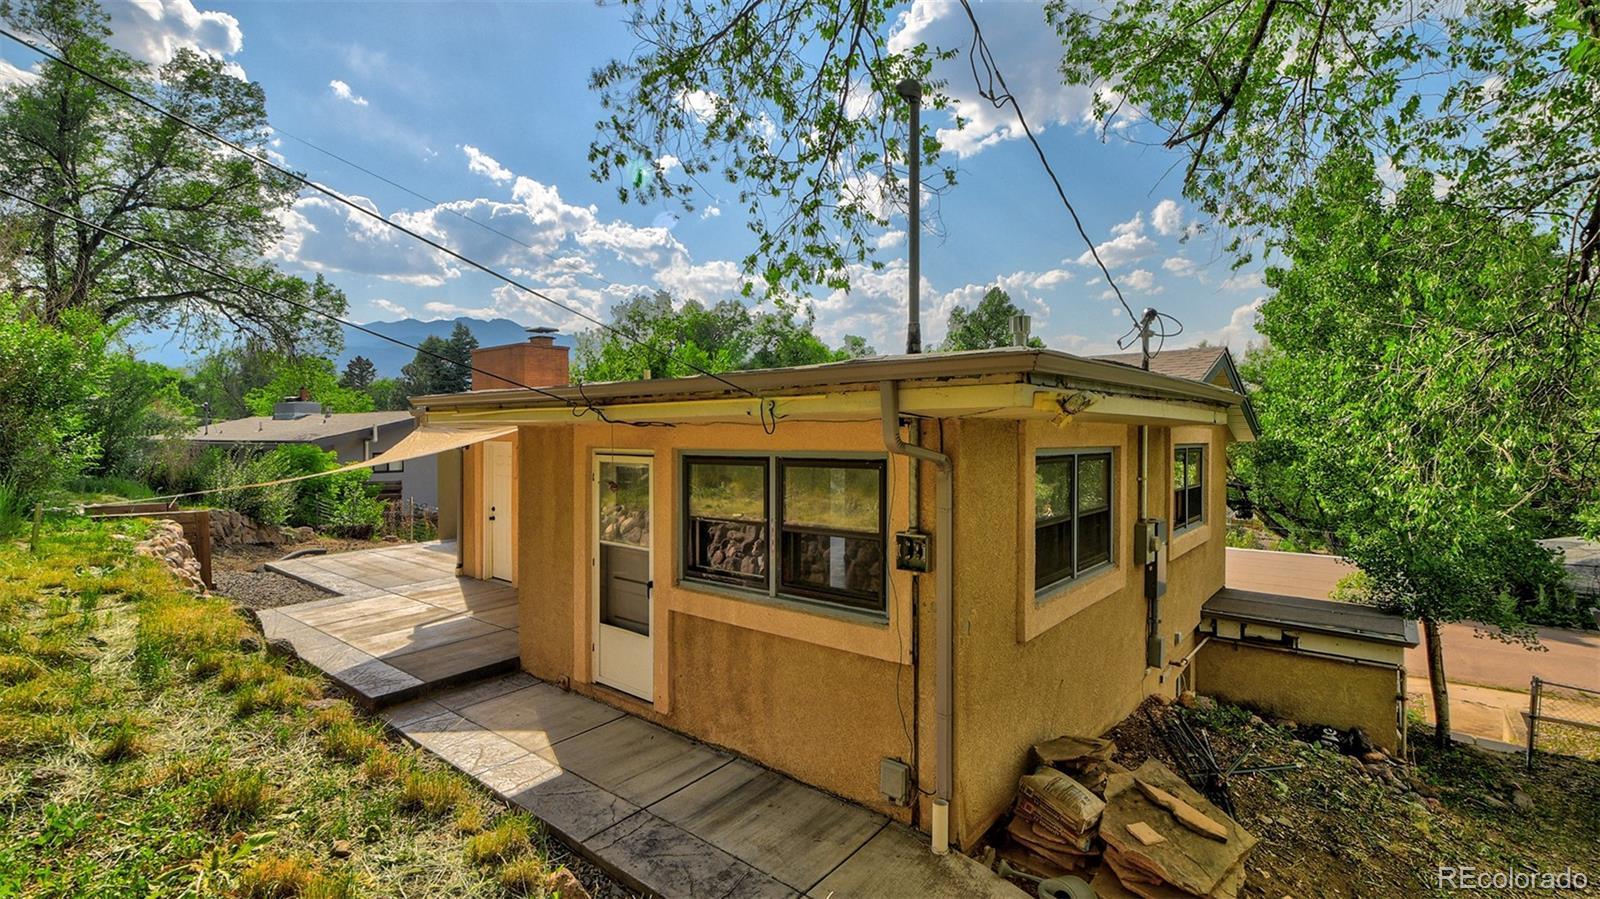 MLS# 9508808 - 39 - 417 Valley Way, Colorado Springs, CO 80906